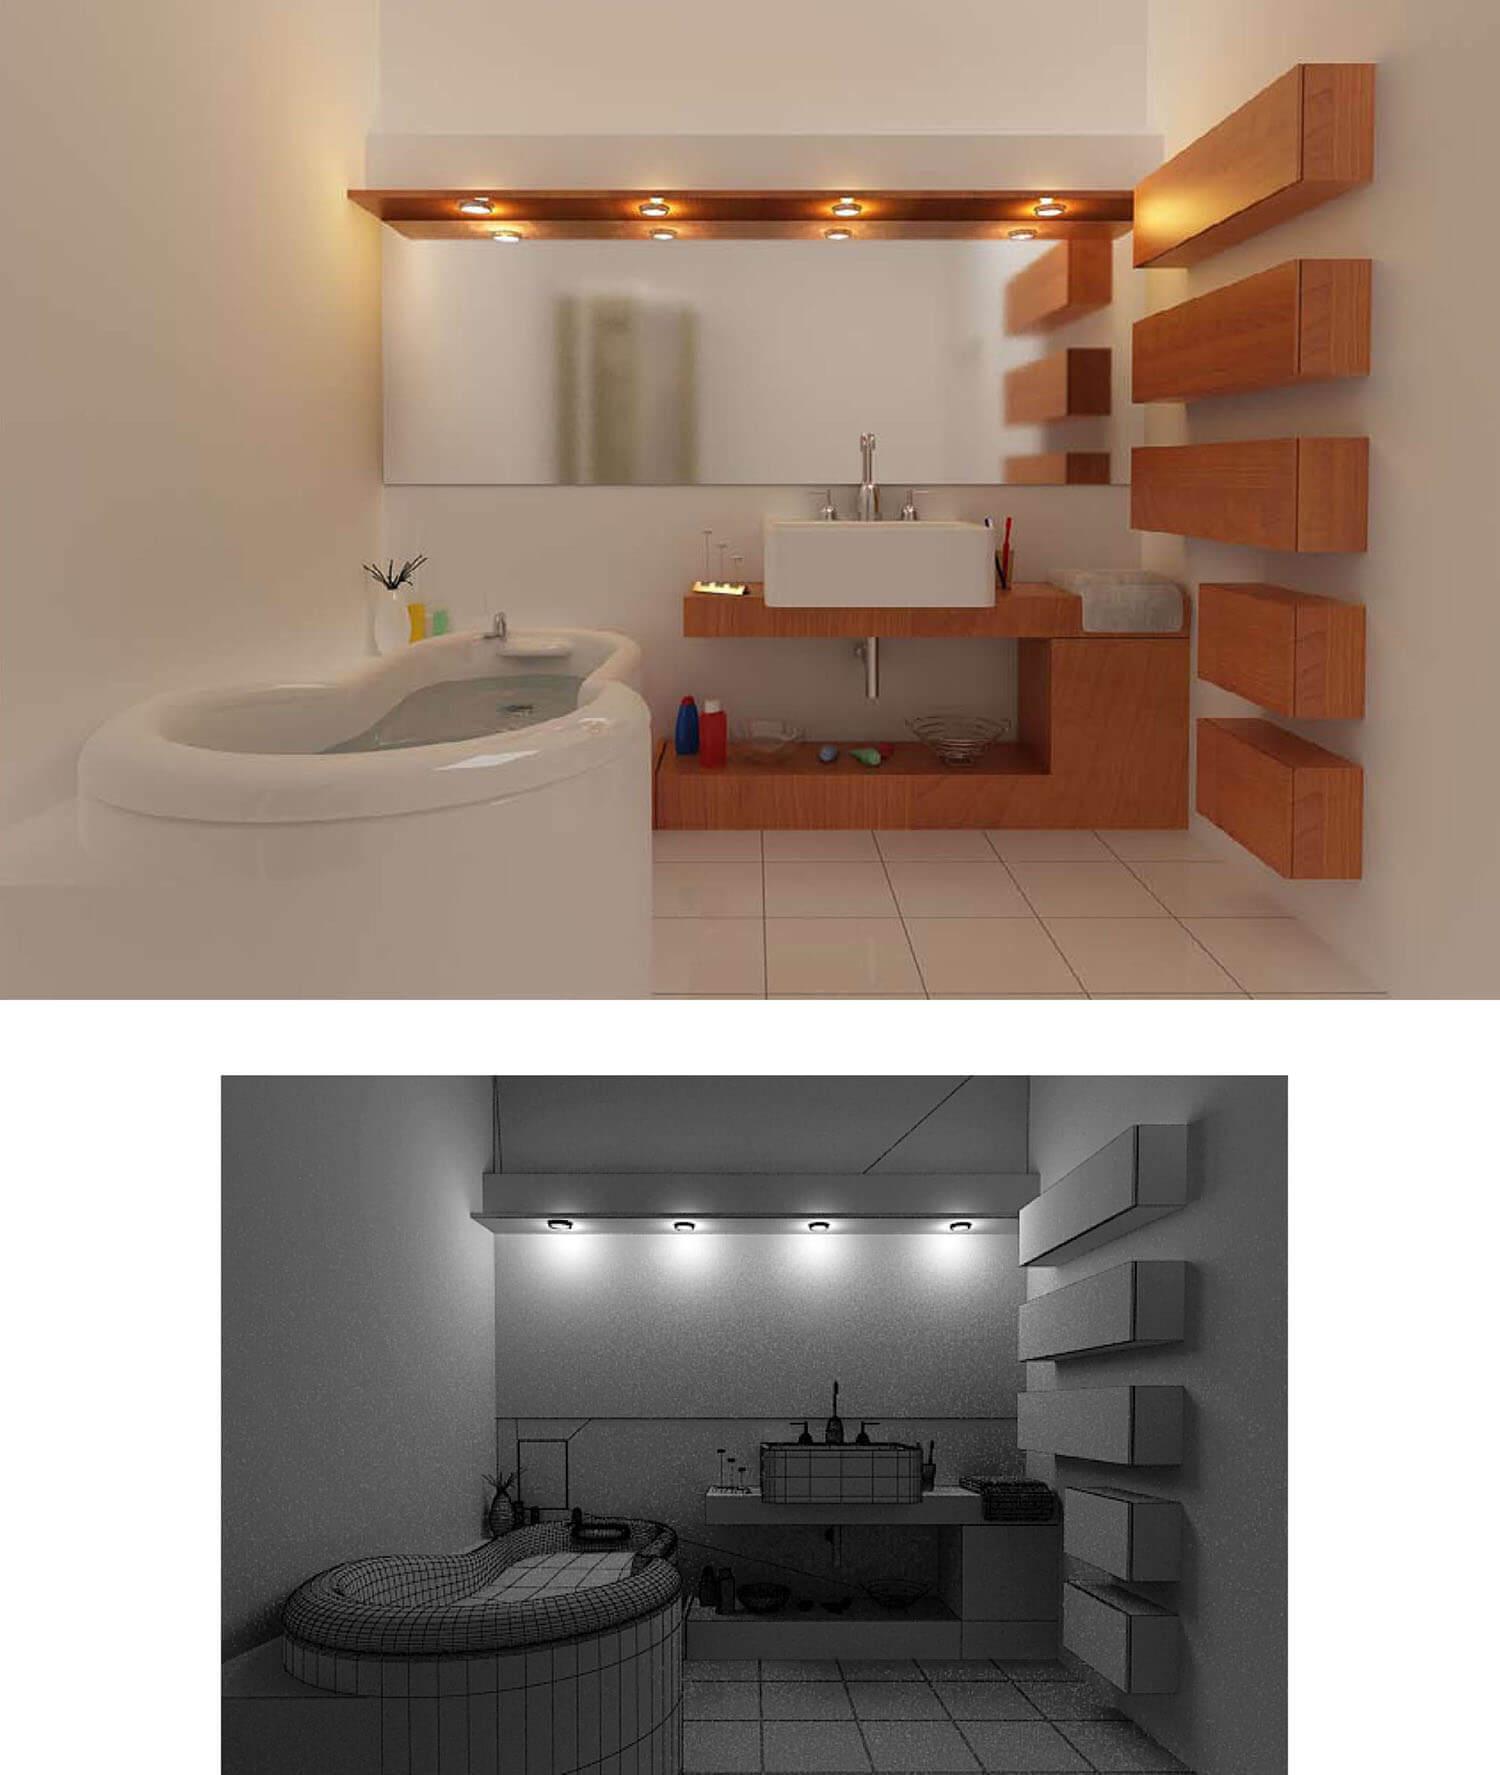 Trang trí phòng tắm bằng những khối đá hình hộp ốp tường nghệ thuật